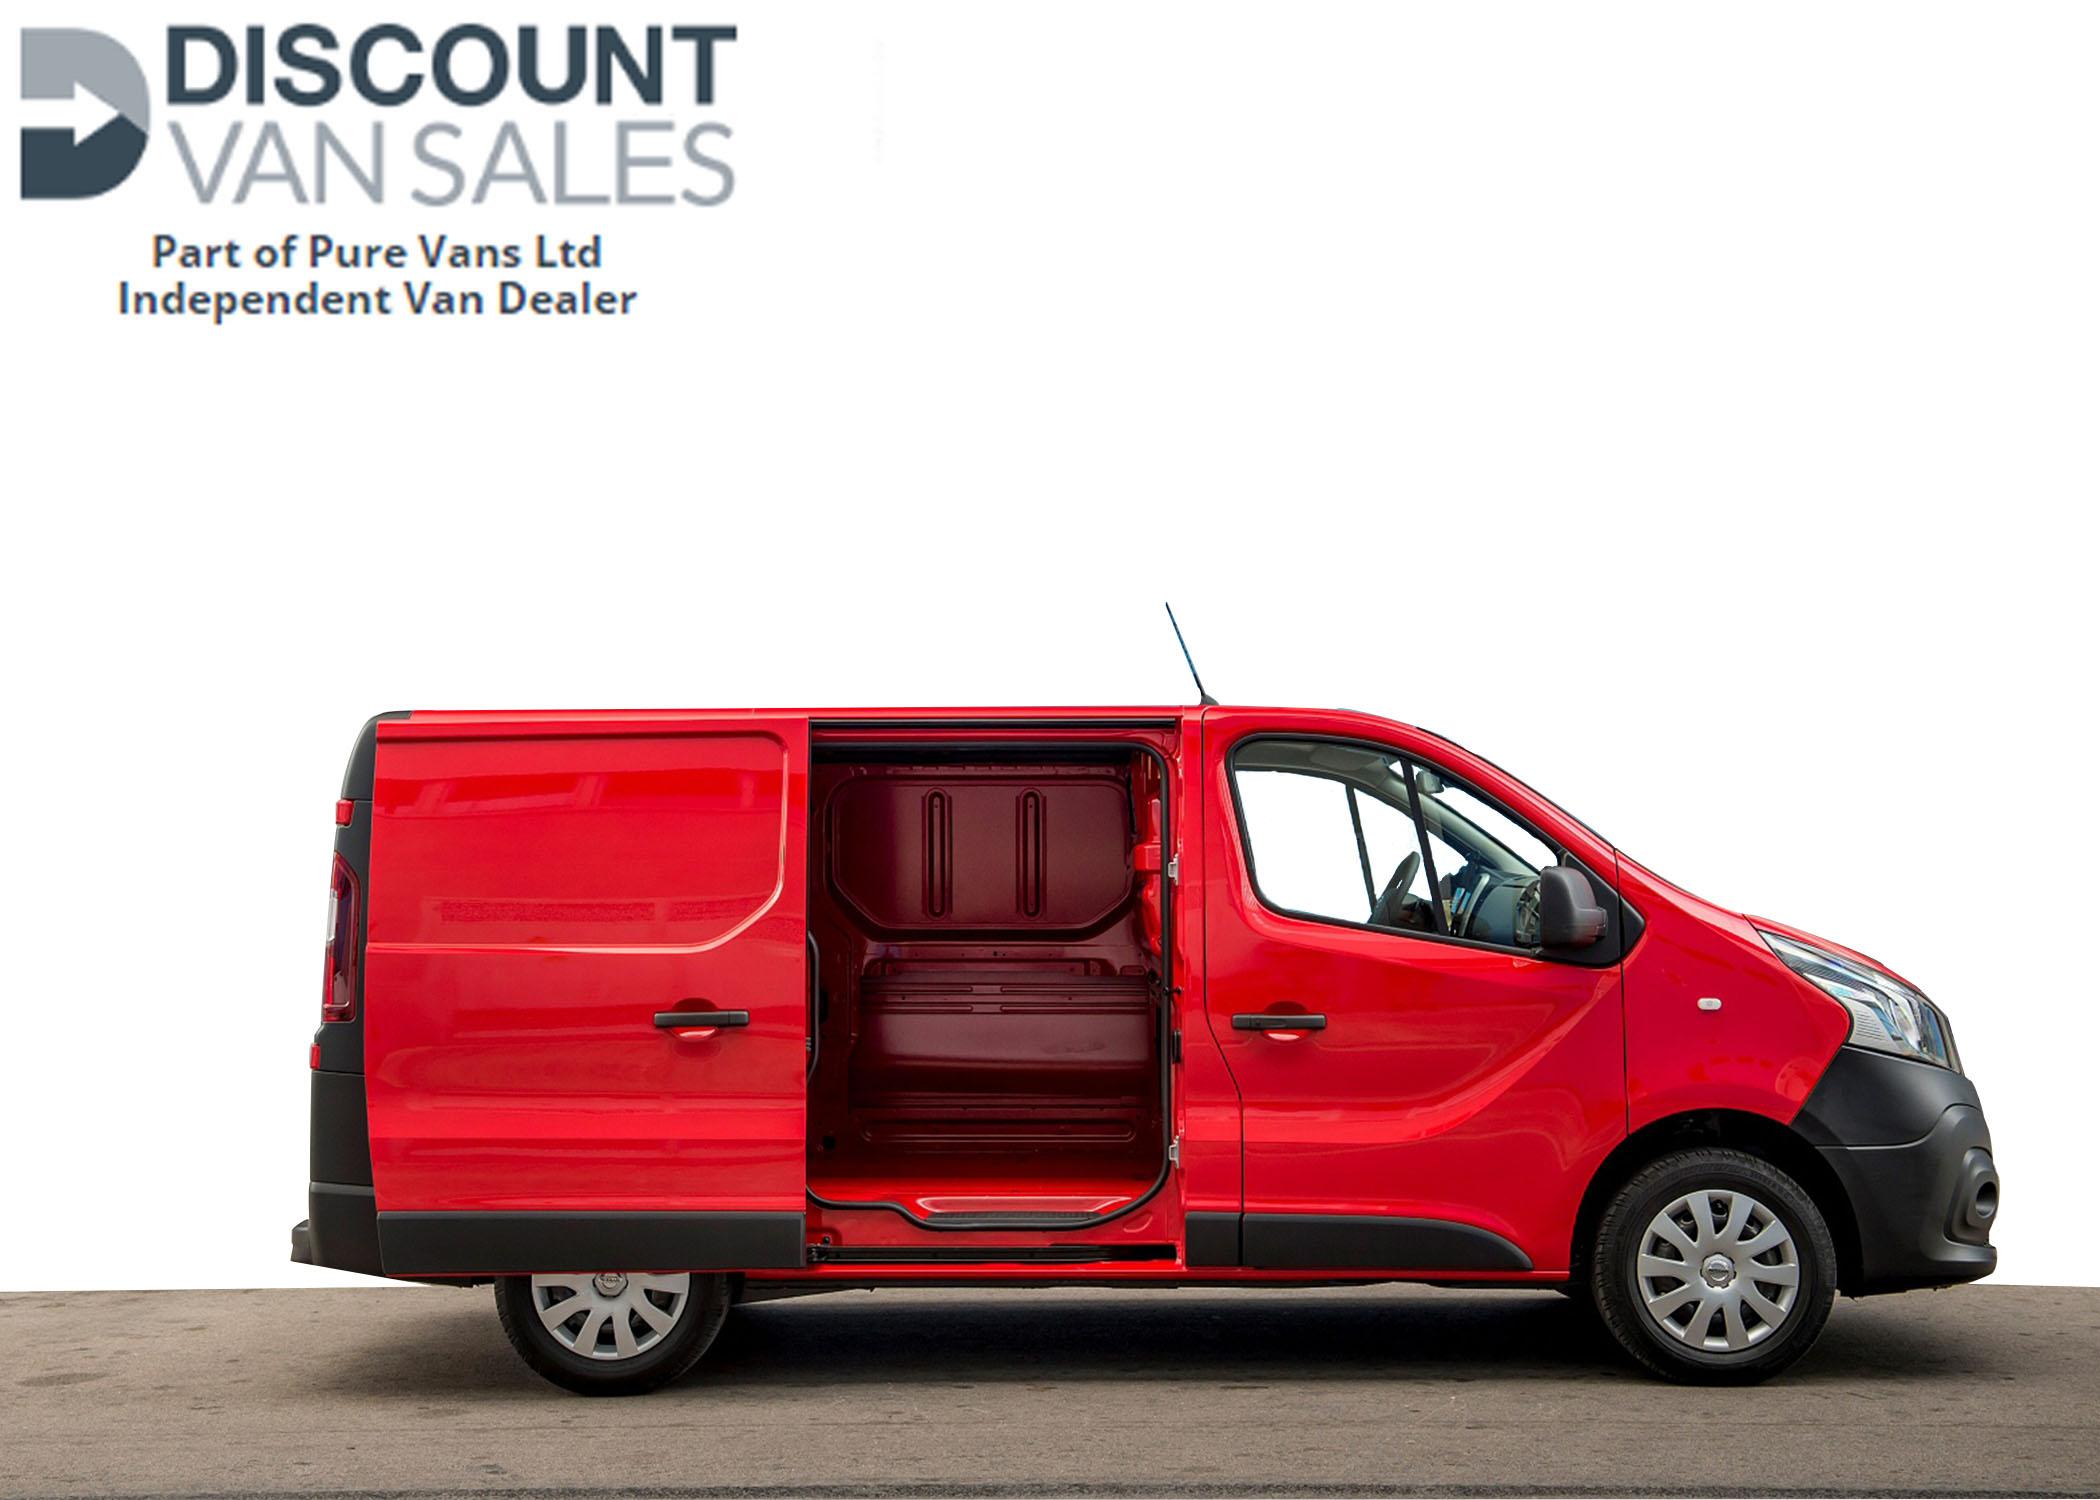 Nissan Nv300 Tekna Discount Van Sales